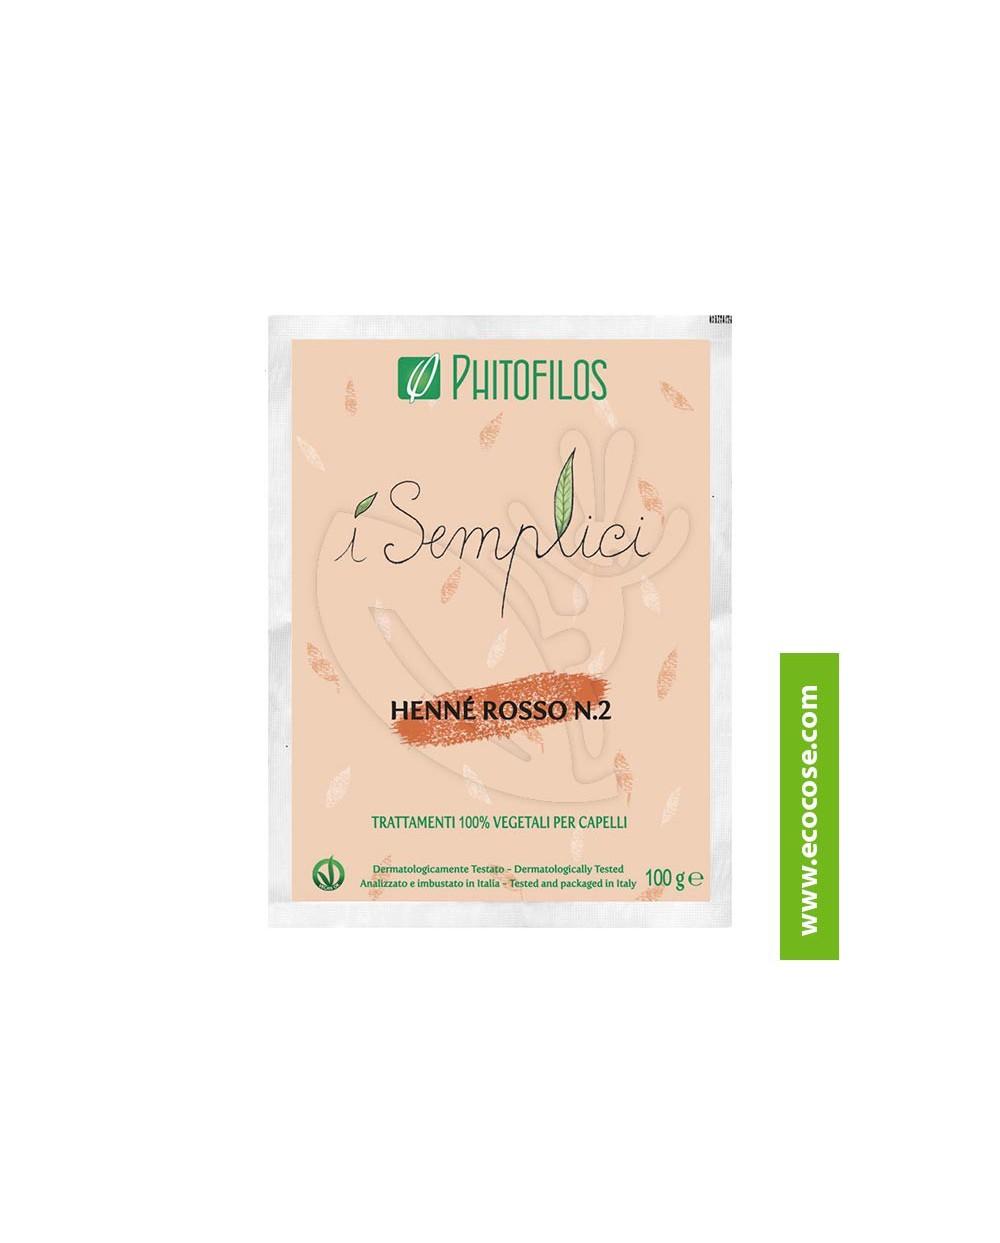 Phitofilos - I semplici - Henné Rosso n. 2 micronizzato